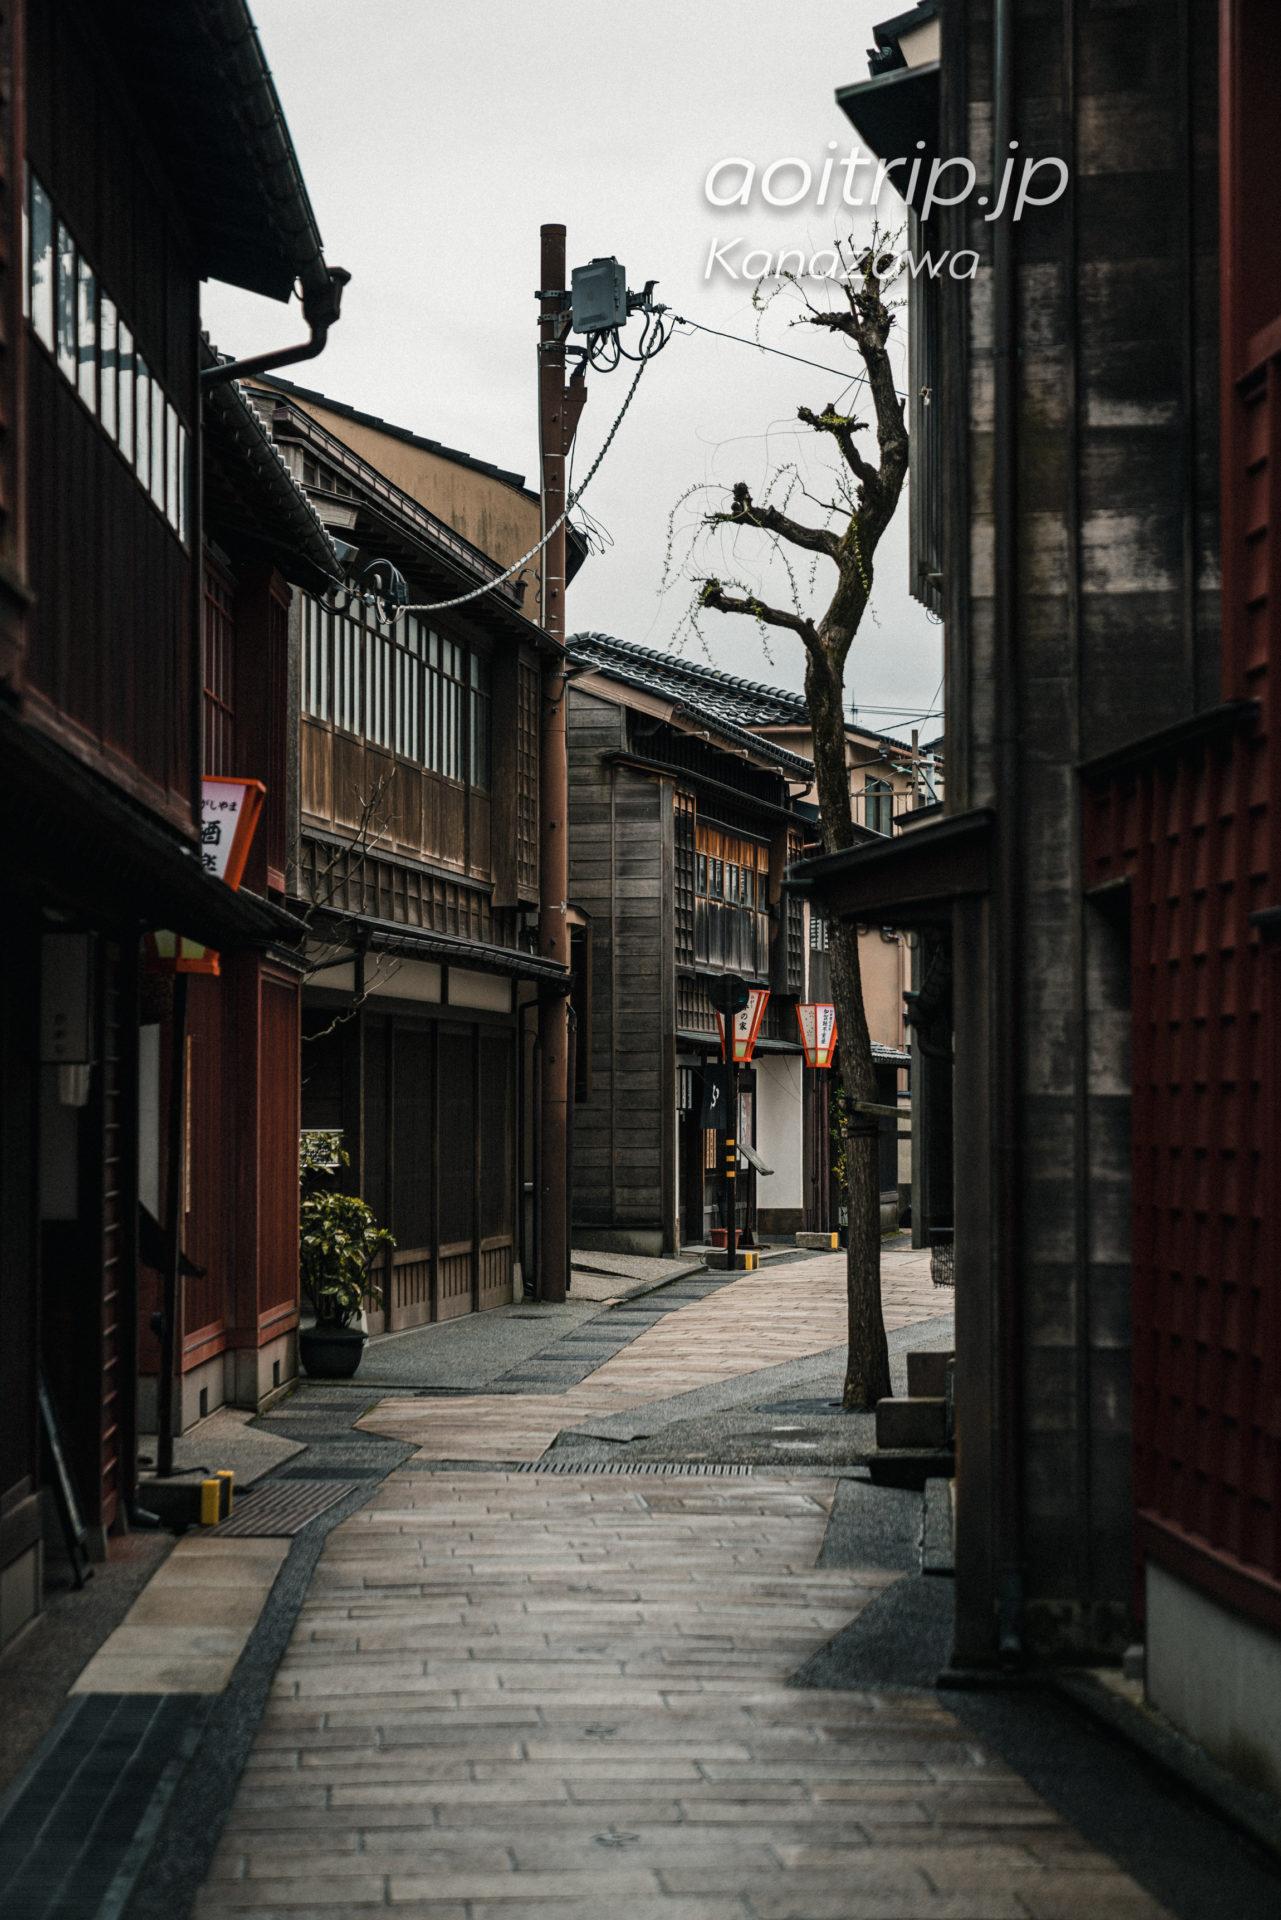 金沢 ひがし茶屋街の写真ギャラリー